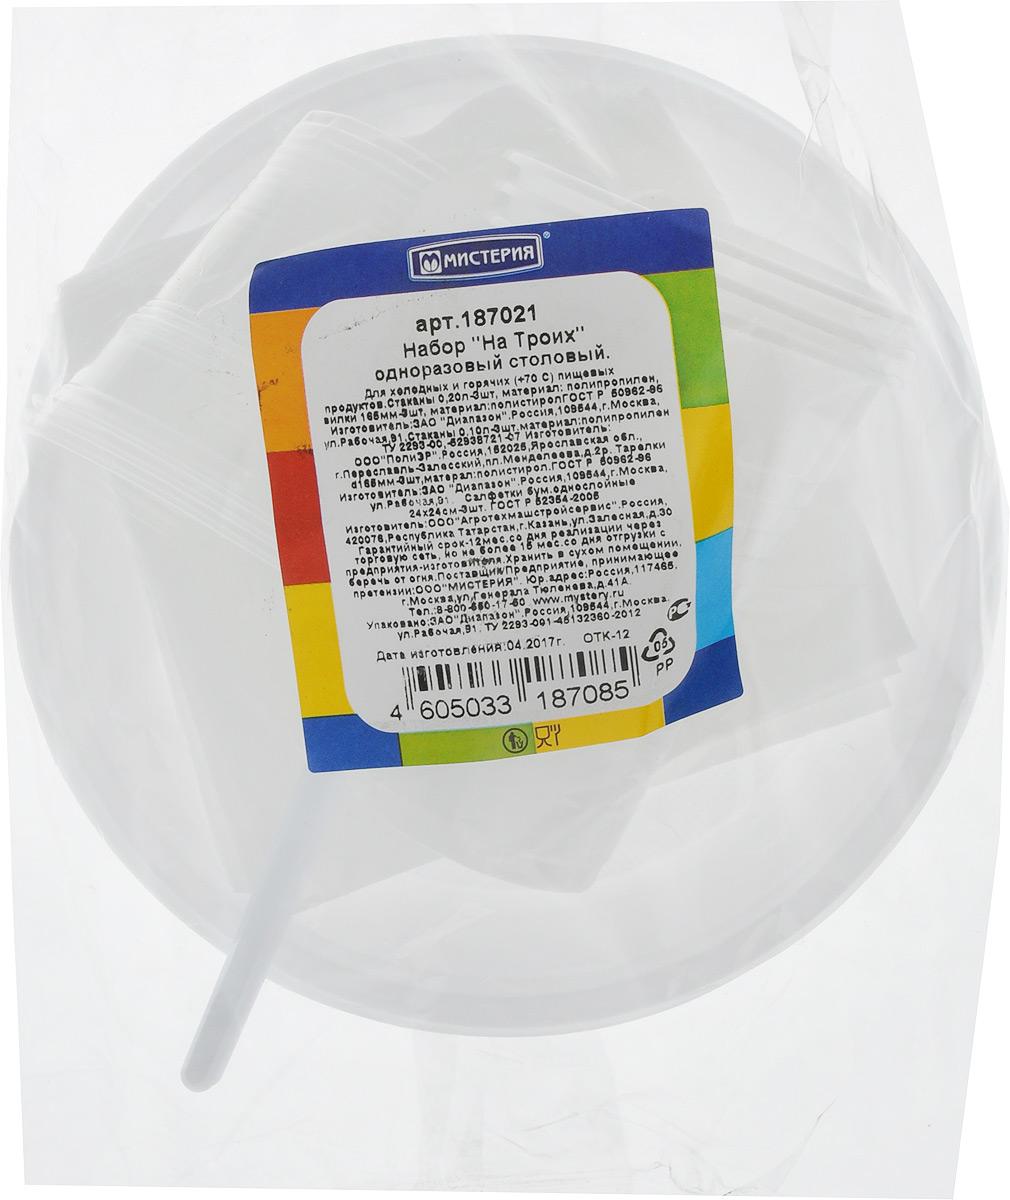 Набор одноразовой посуды Мистерия На троих, 15 предметовПОС20962Набор одноразовой посуды Мистерия На троих на 3 персоны включает 3 тарелки, 3 вилки, 3 больших стакана, 3 маленьких стакана и 3 салфетки. Посуда выполнена из пищевого пластика, предназначена для холодных и горячих (до +70°С) пищевых продуктов. Такой набор посуды отлично подойдет для отдыха на природе. В нем есть все необходимое для пикника. Он легкий и не занимает много места, а самое главное - после использования его не надо мыть. Объем большого стакана: 200 мл. Диаметр большого стакана (по верхнему краю): 7 см. Высота большого стакана: 9,5 см. Объем маленького стакана: 100 мл. Диаметр маленького стакана (по верхнему краю): 6,5 см. Высота маленького стакана: 6,5 см. Диаметр тарелки: 16,5 см. Длина вилки: 16,5 см. Размер салфетки: 24 х 24 см.